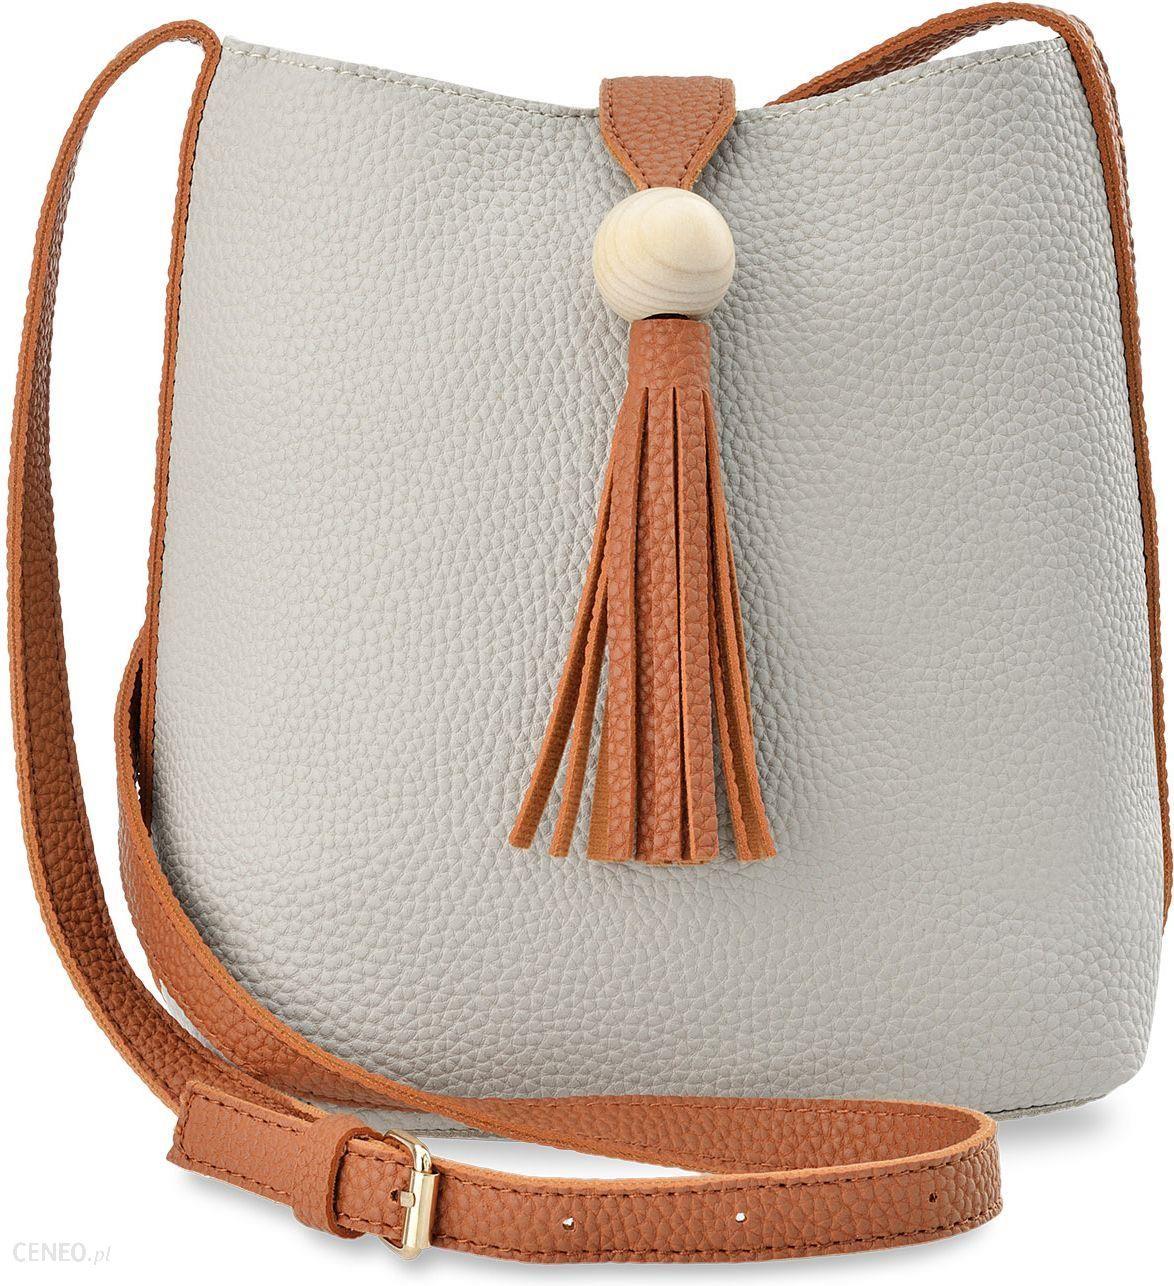 b5ce2b0f6b423 Dwukolorowa torebka damska listonoszka przewieszka z frędzlami w stylu boho  - szaro-brązowy - zdjęcie